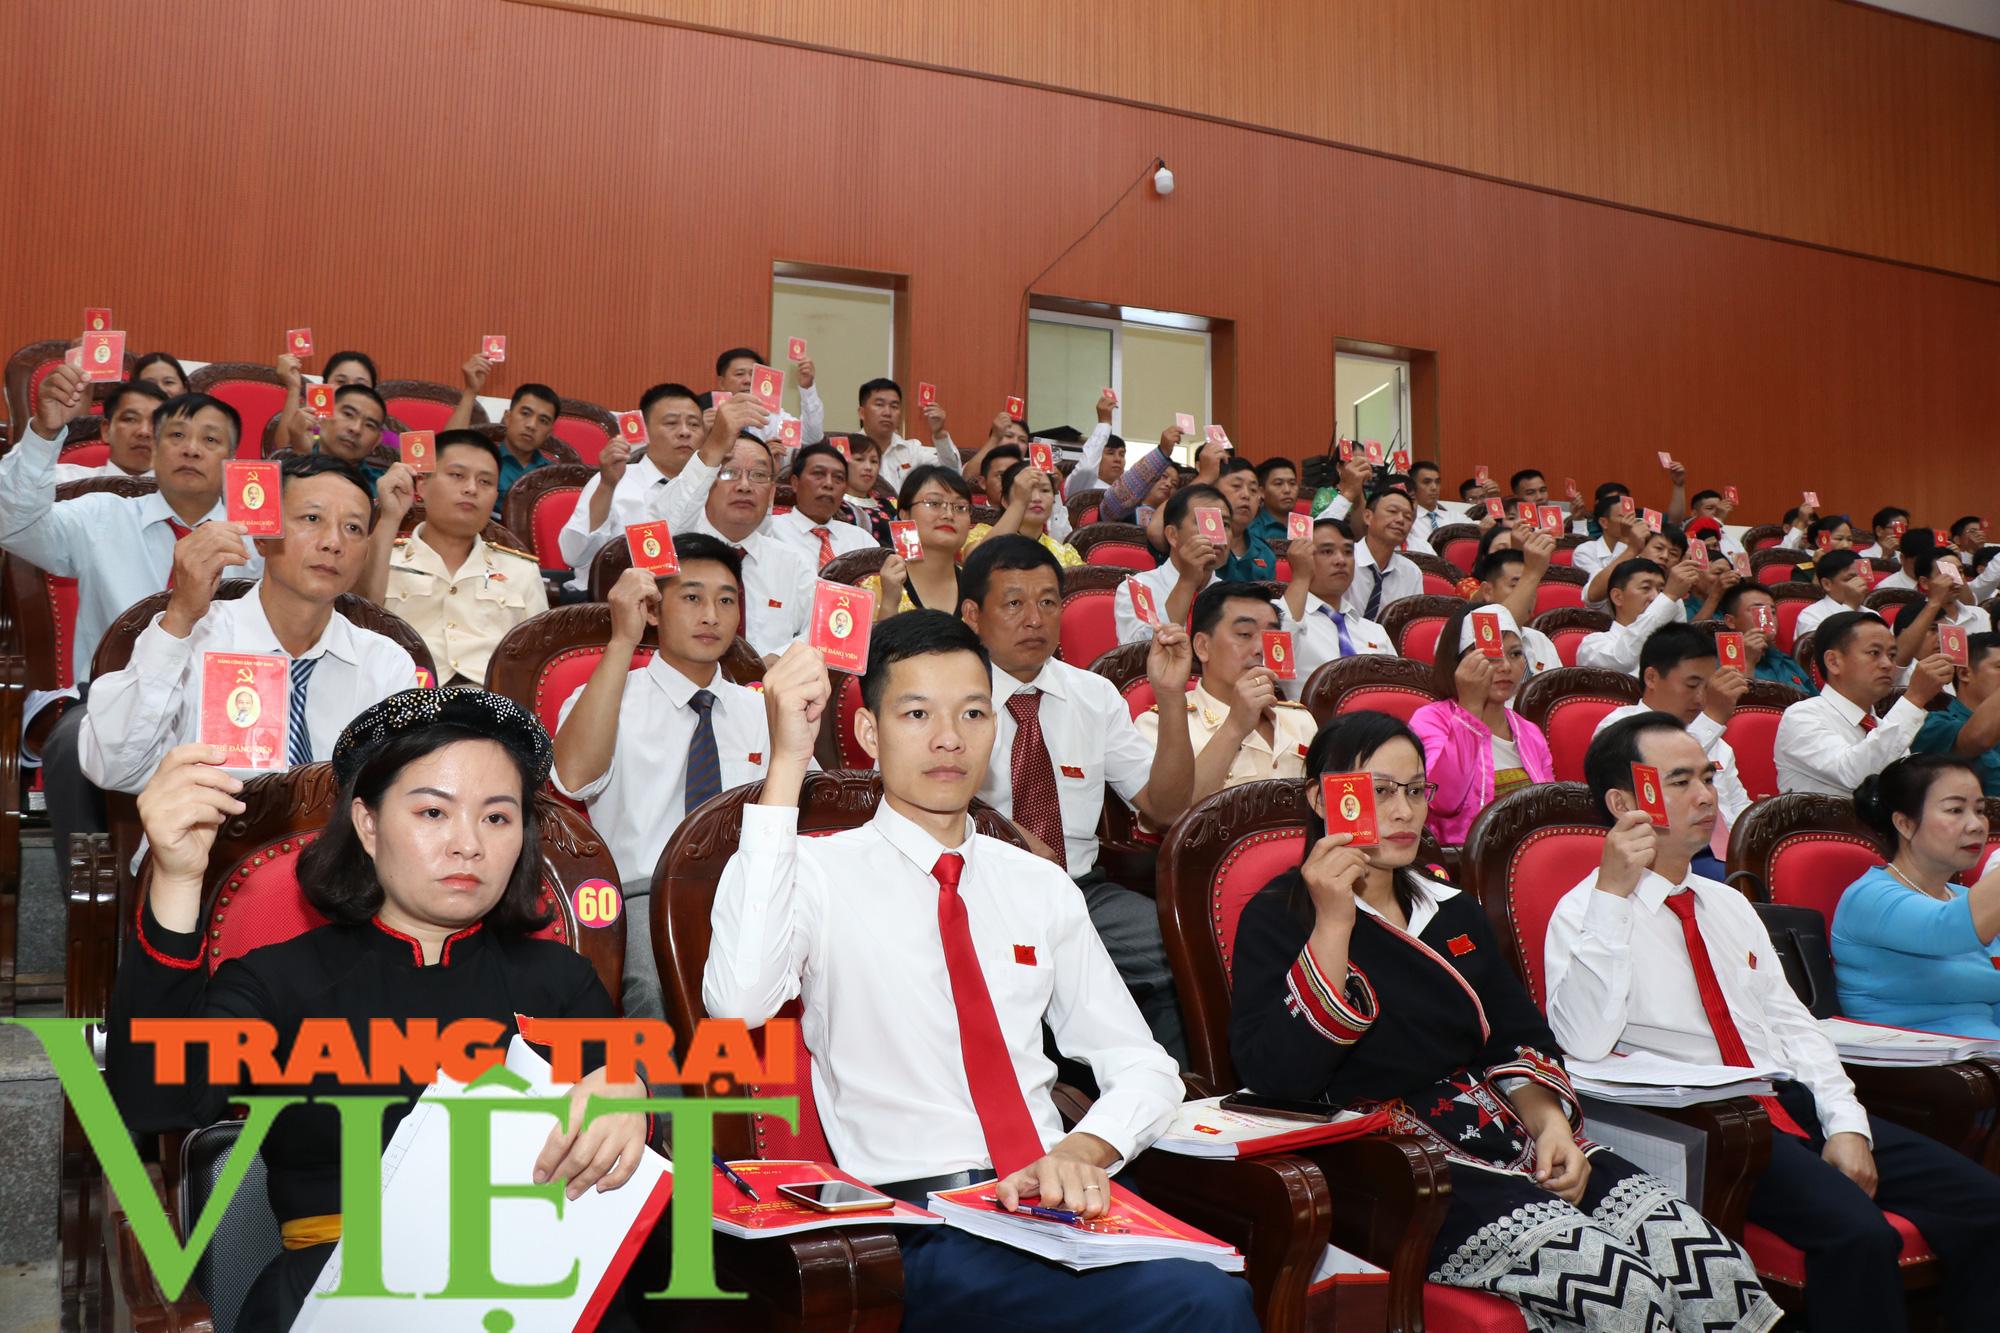 Đại hội đại biểu Đảng bộ huyện Vân Hồ phấn đấu đến 2025 đưa huyện thoát nghèo   - Ảnh 2.